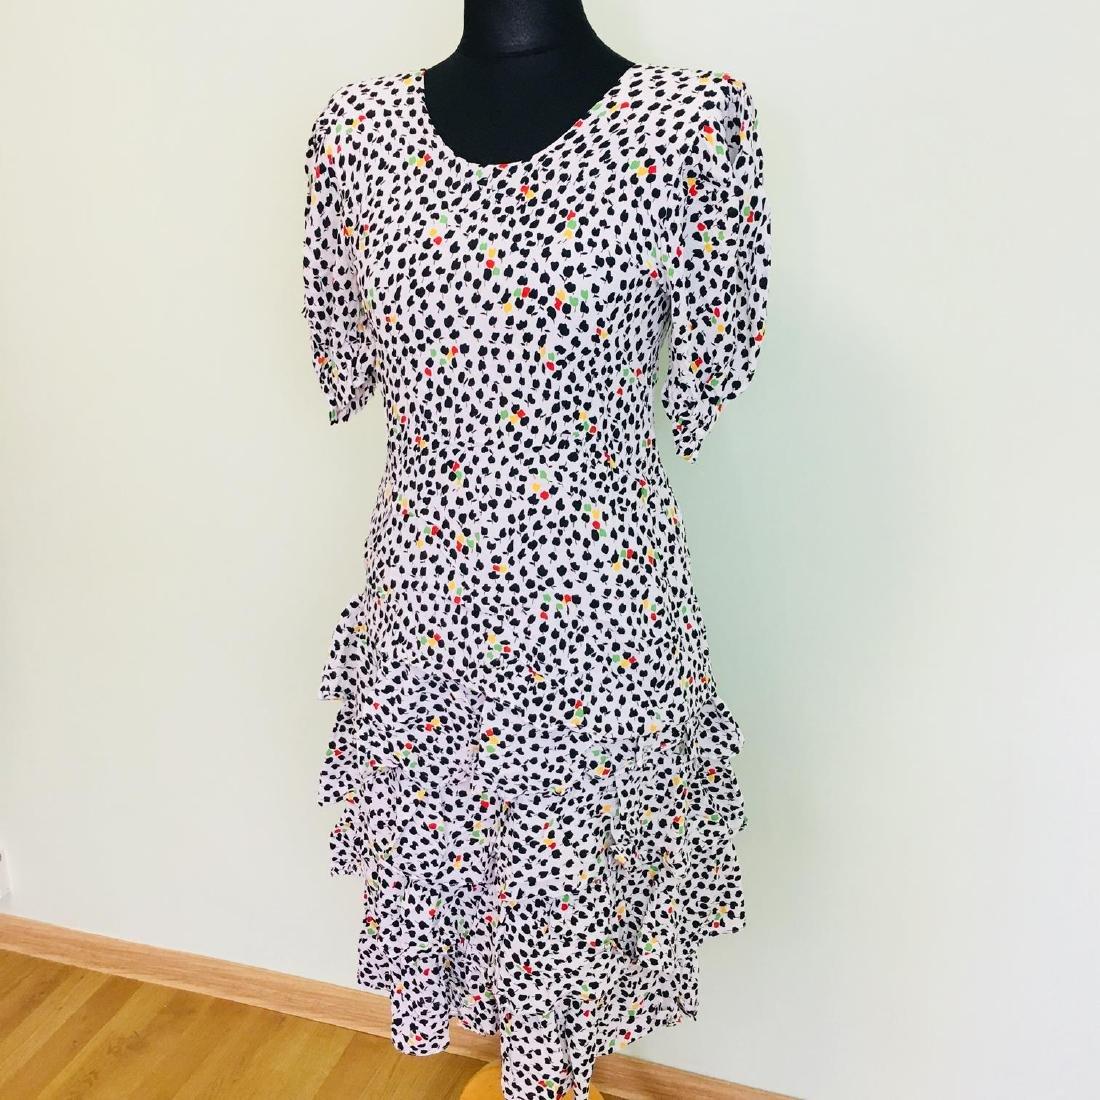 Vintage Women's Day Coctail Dress Size EUR 40 US 10 - 3